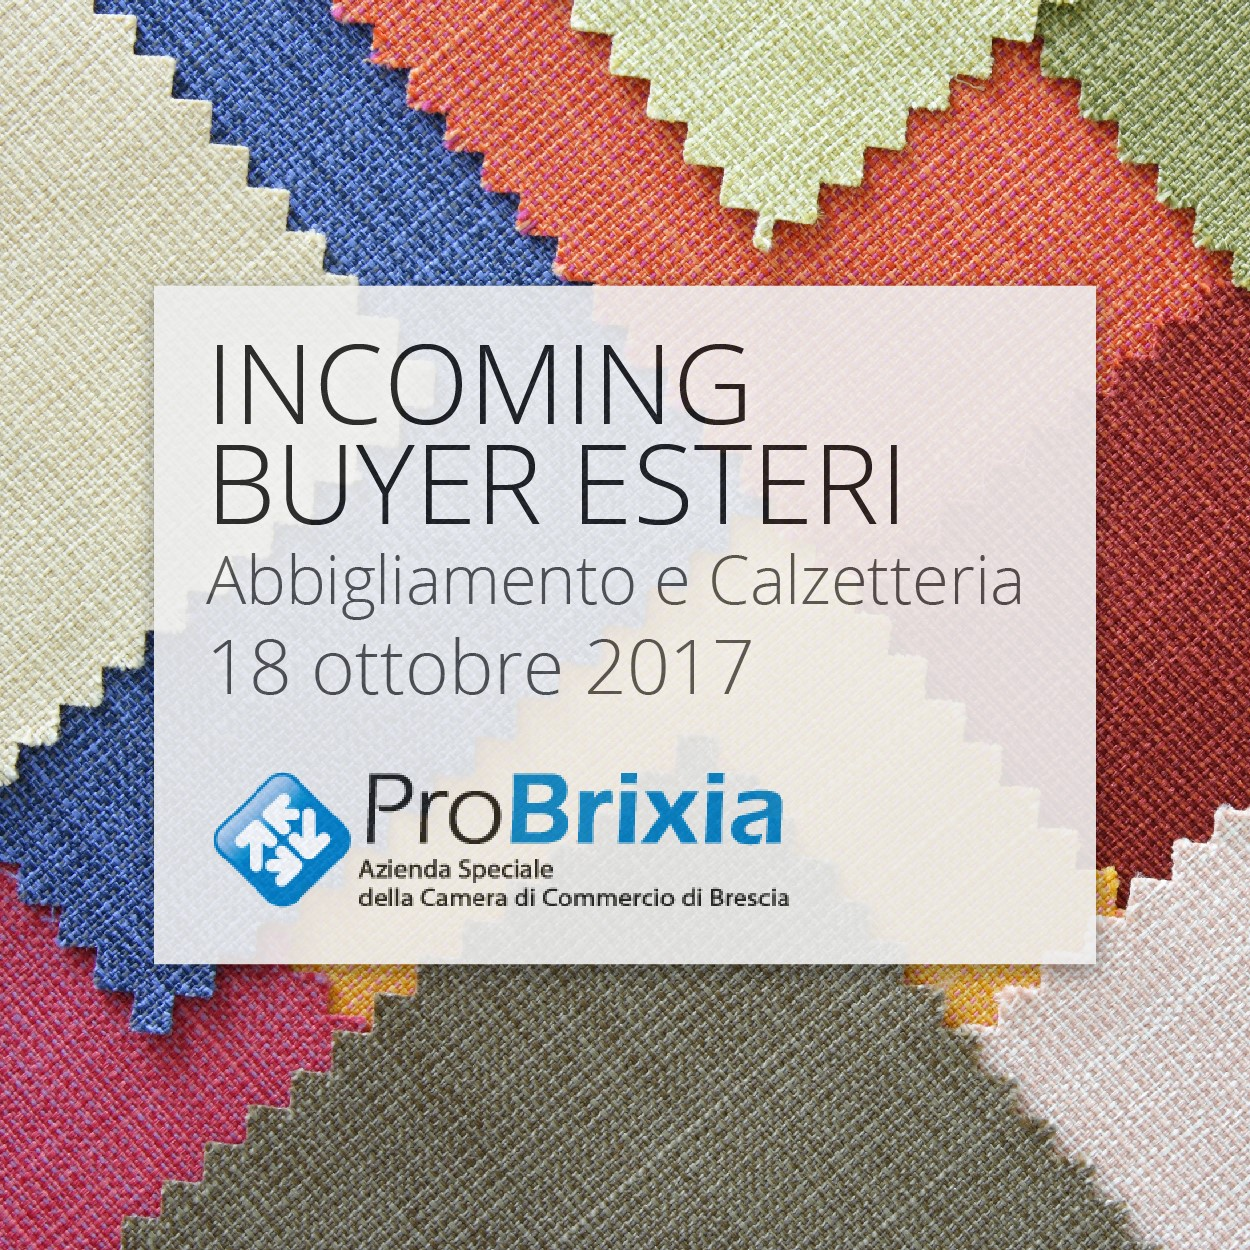 Incoming buyer esteri - Abbigliamento e Calzetteria 18 ottobre Brixia Forum